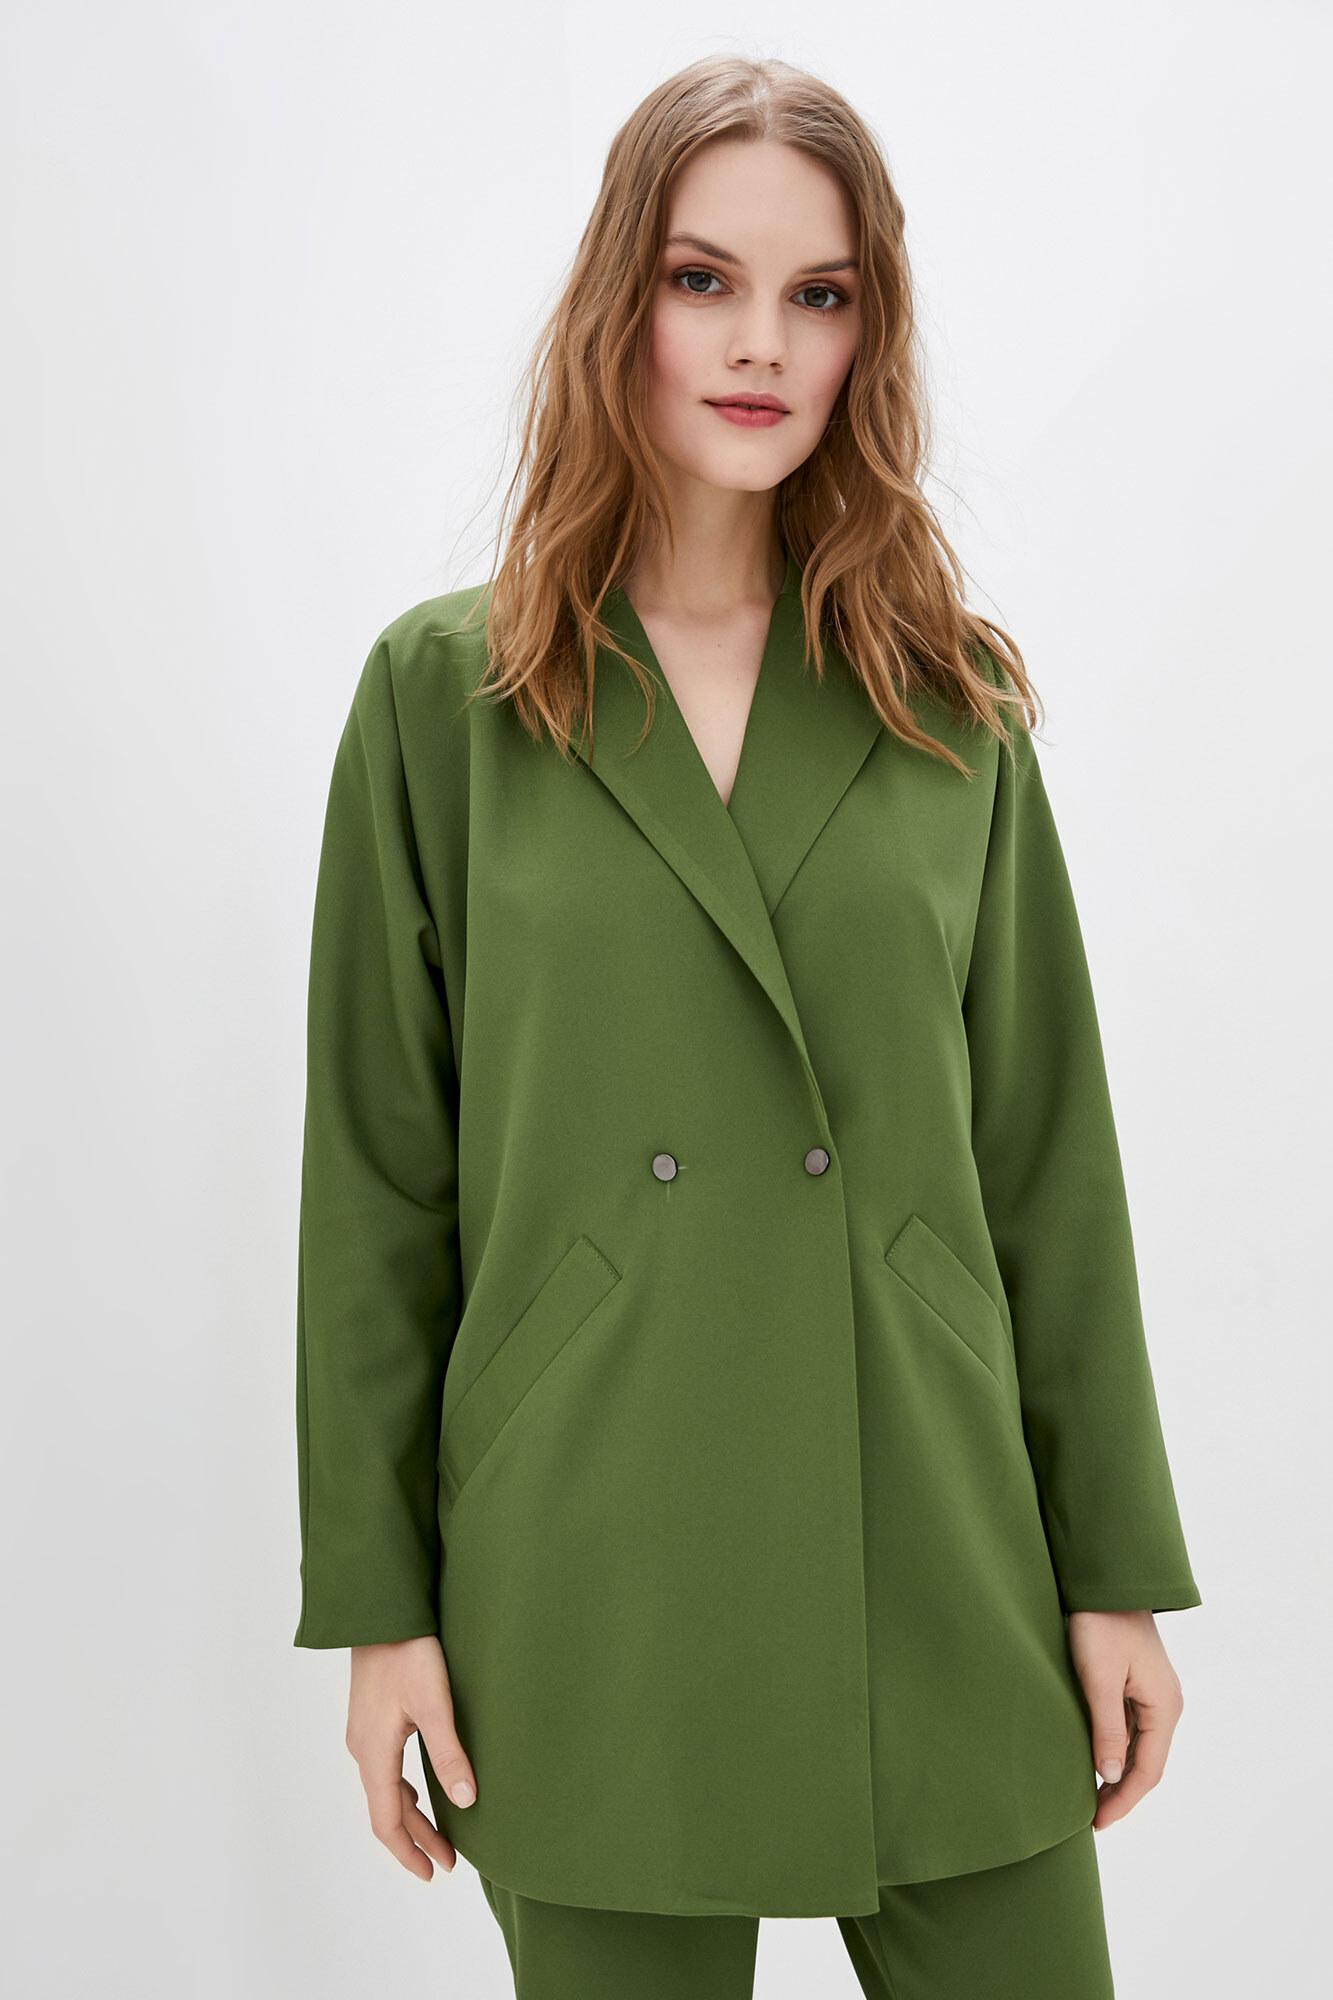 Зеленый пиджак оверсайз длинный на пуговицах GEN